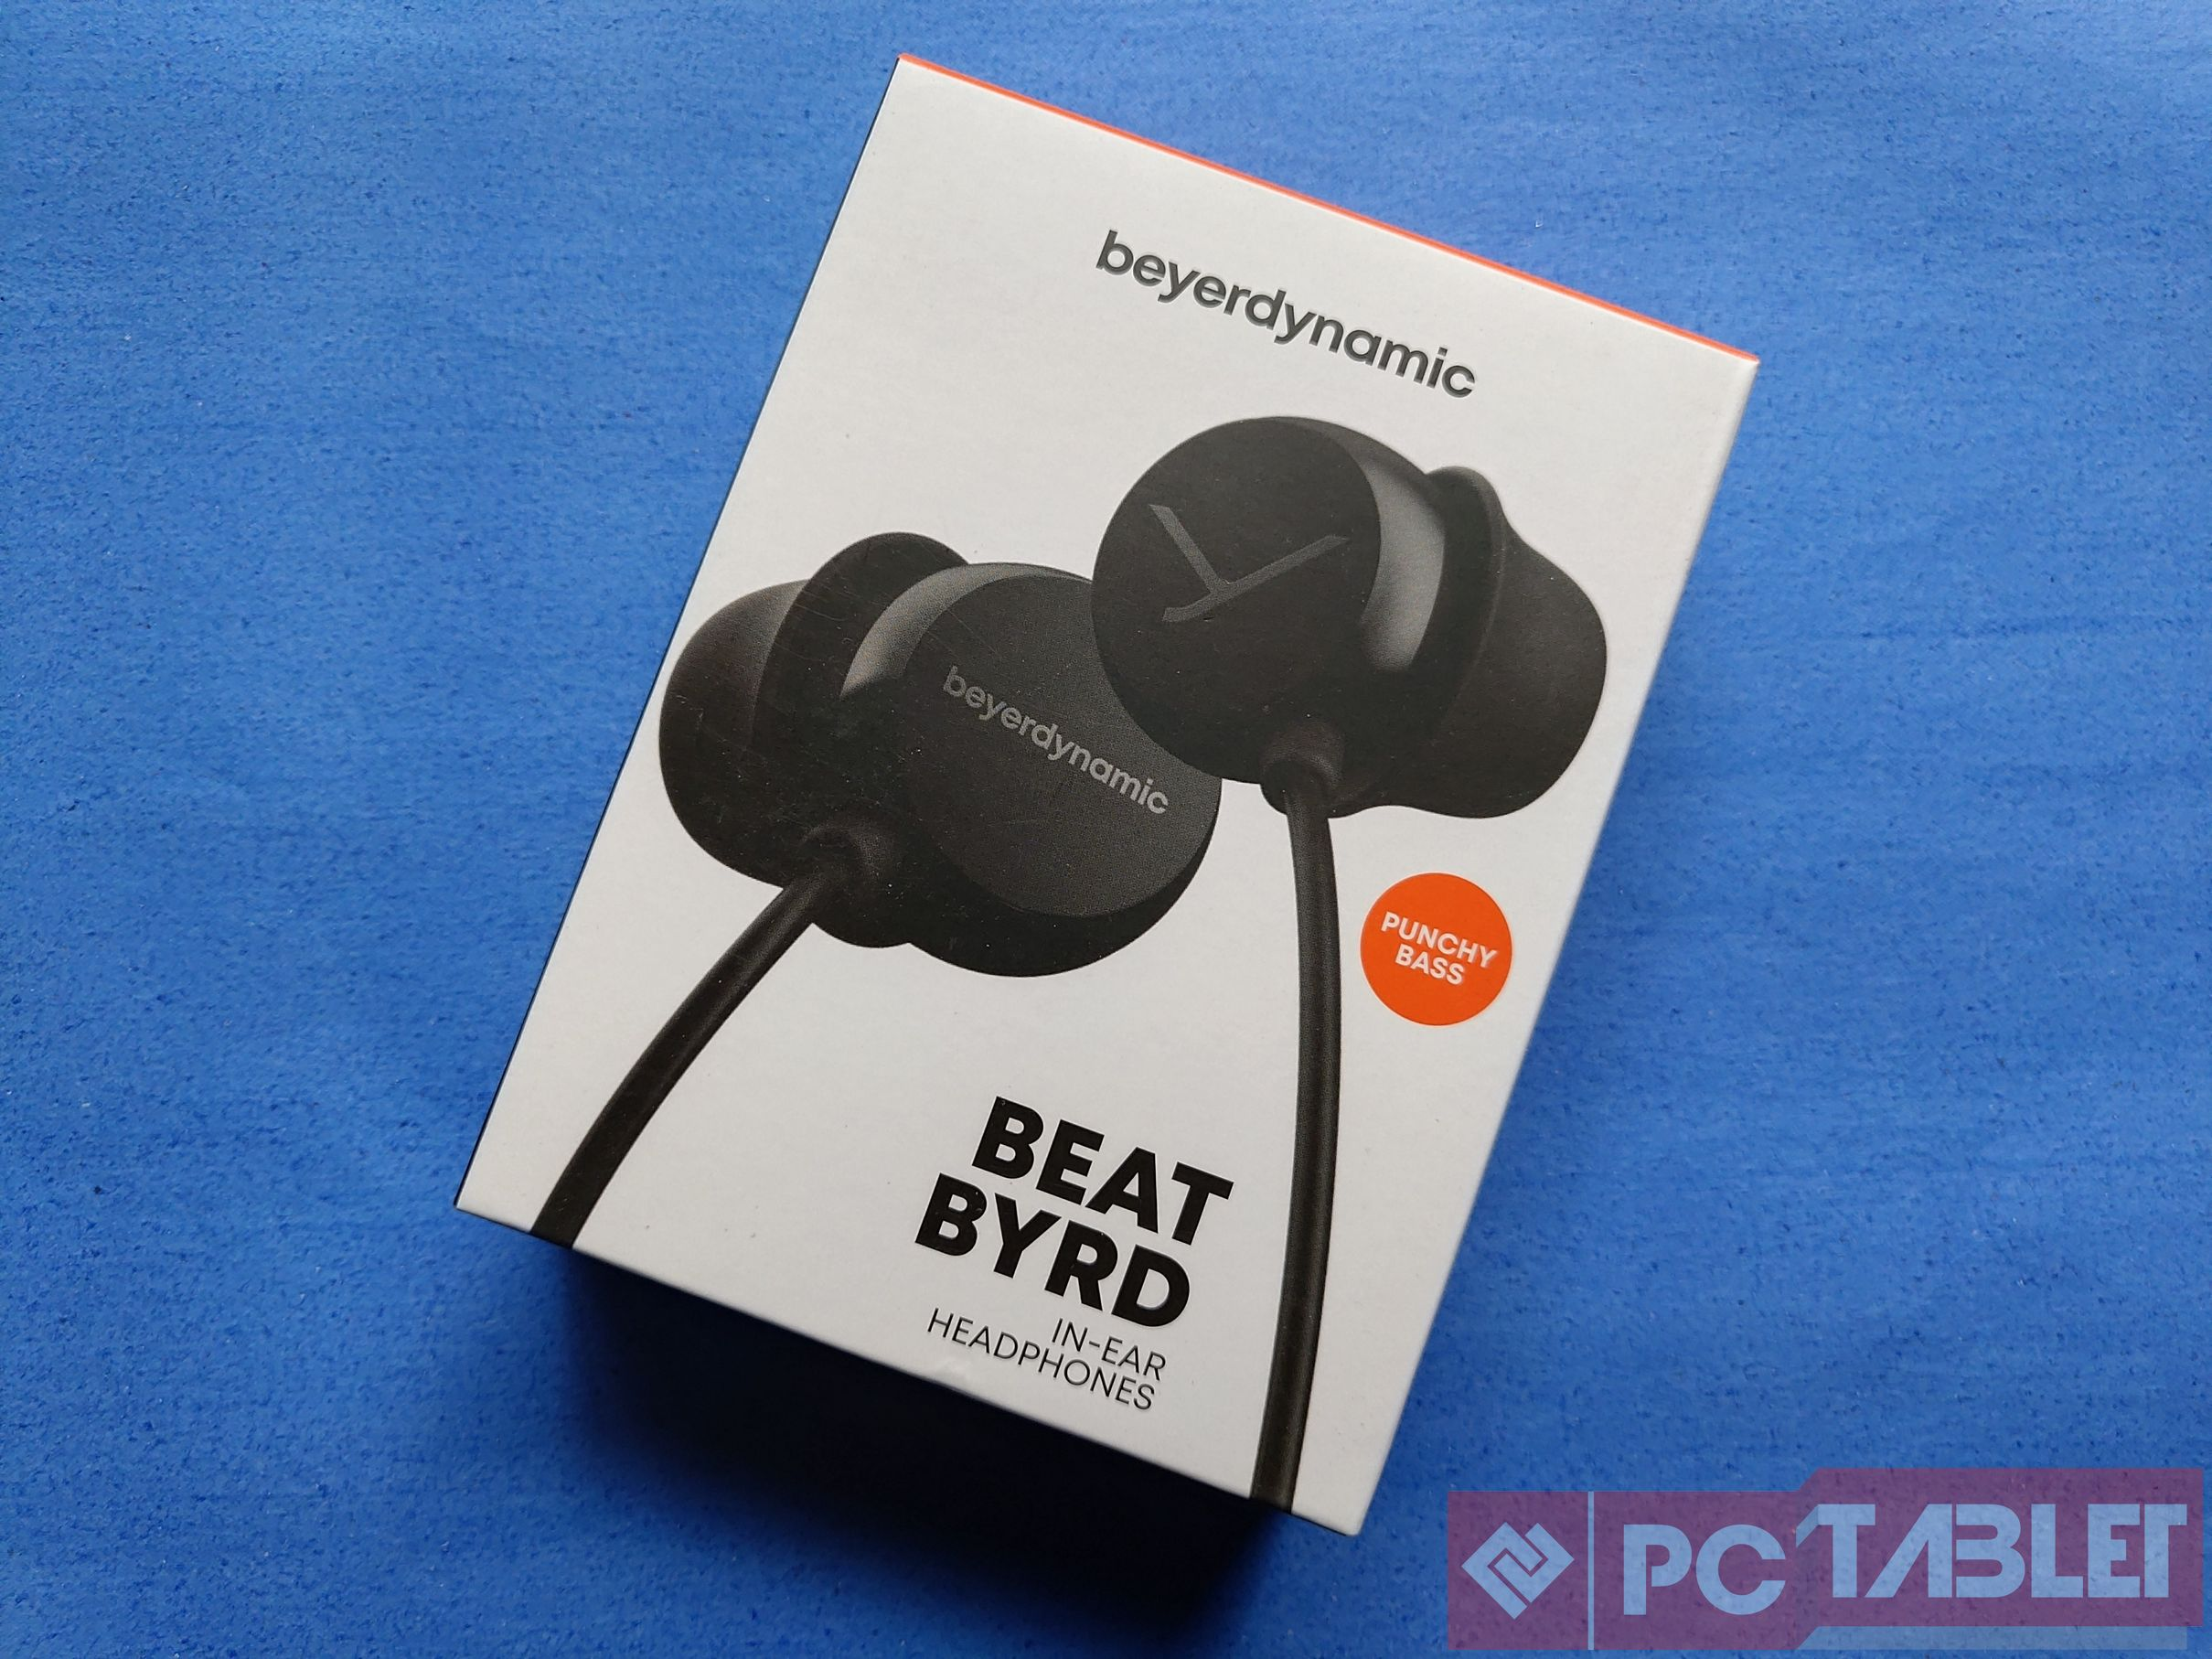 Beyerdynamic beat byrd earphones 1